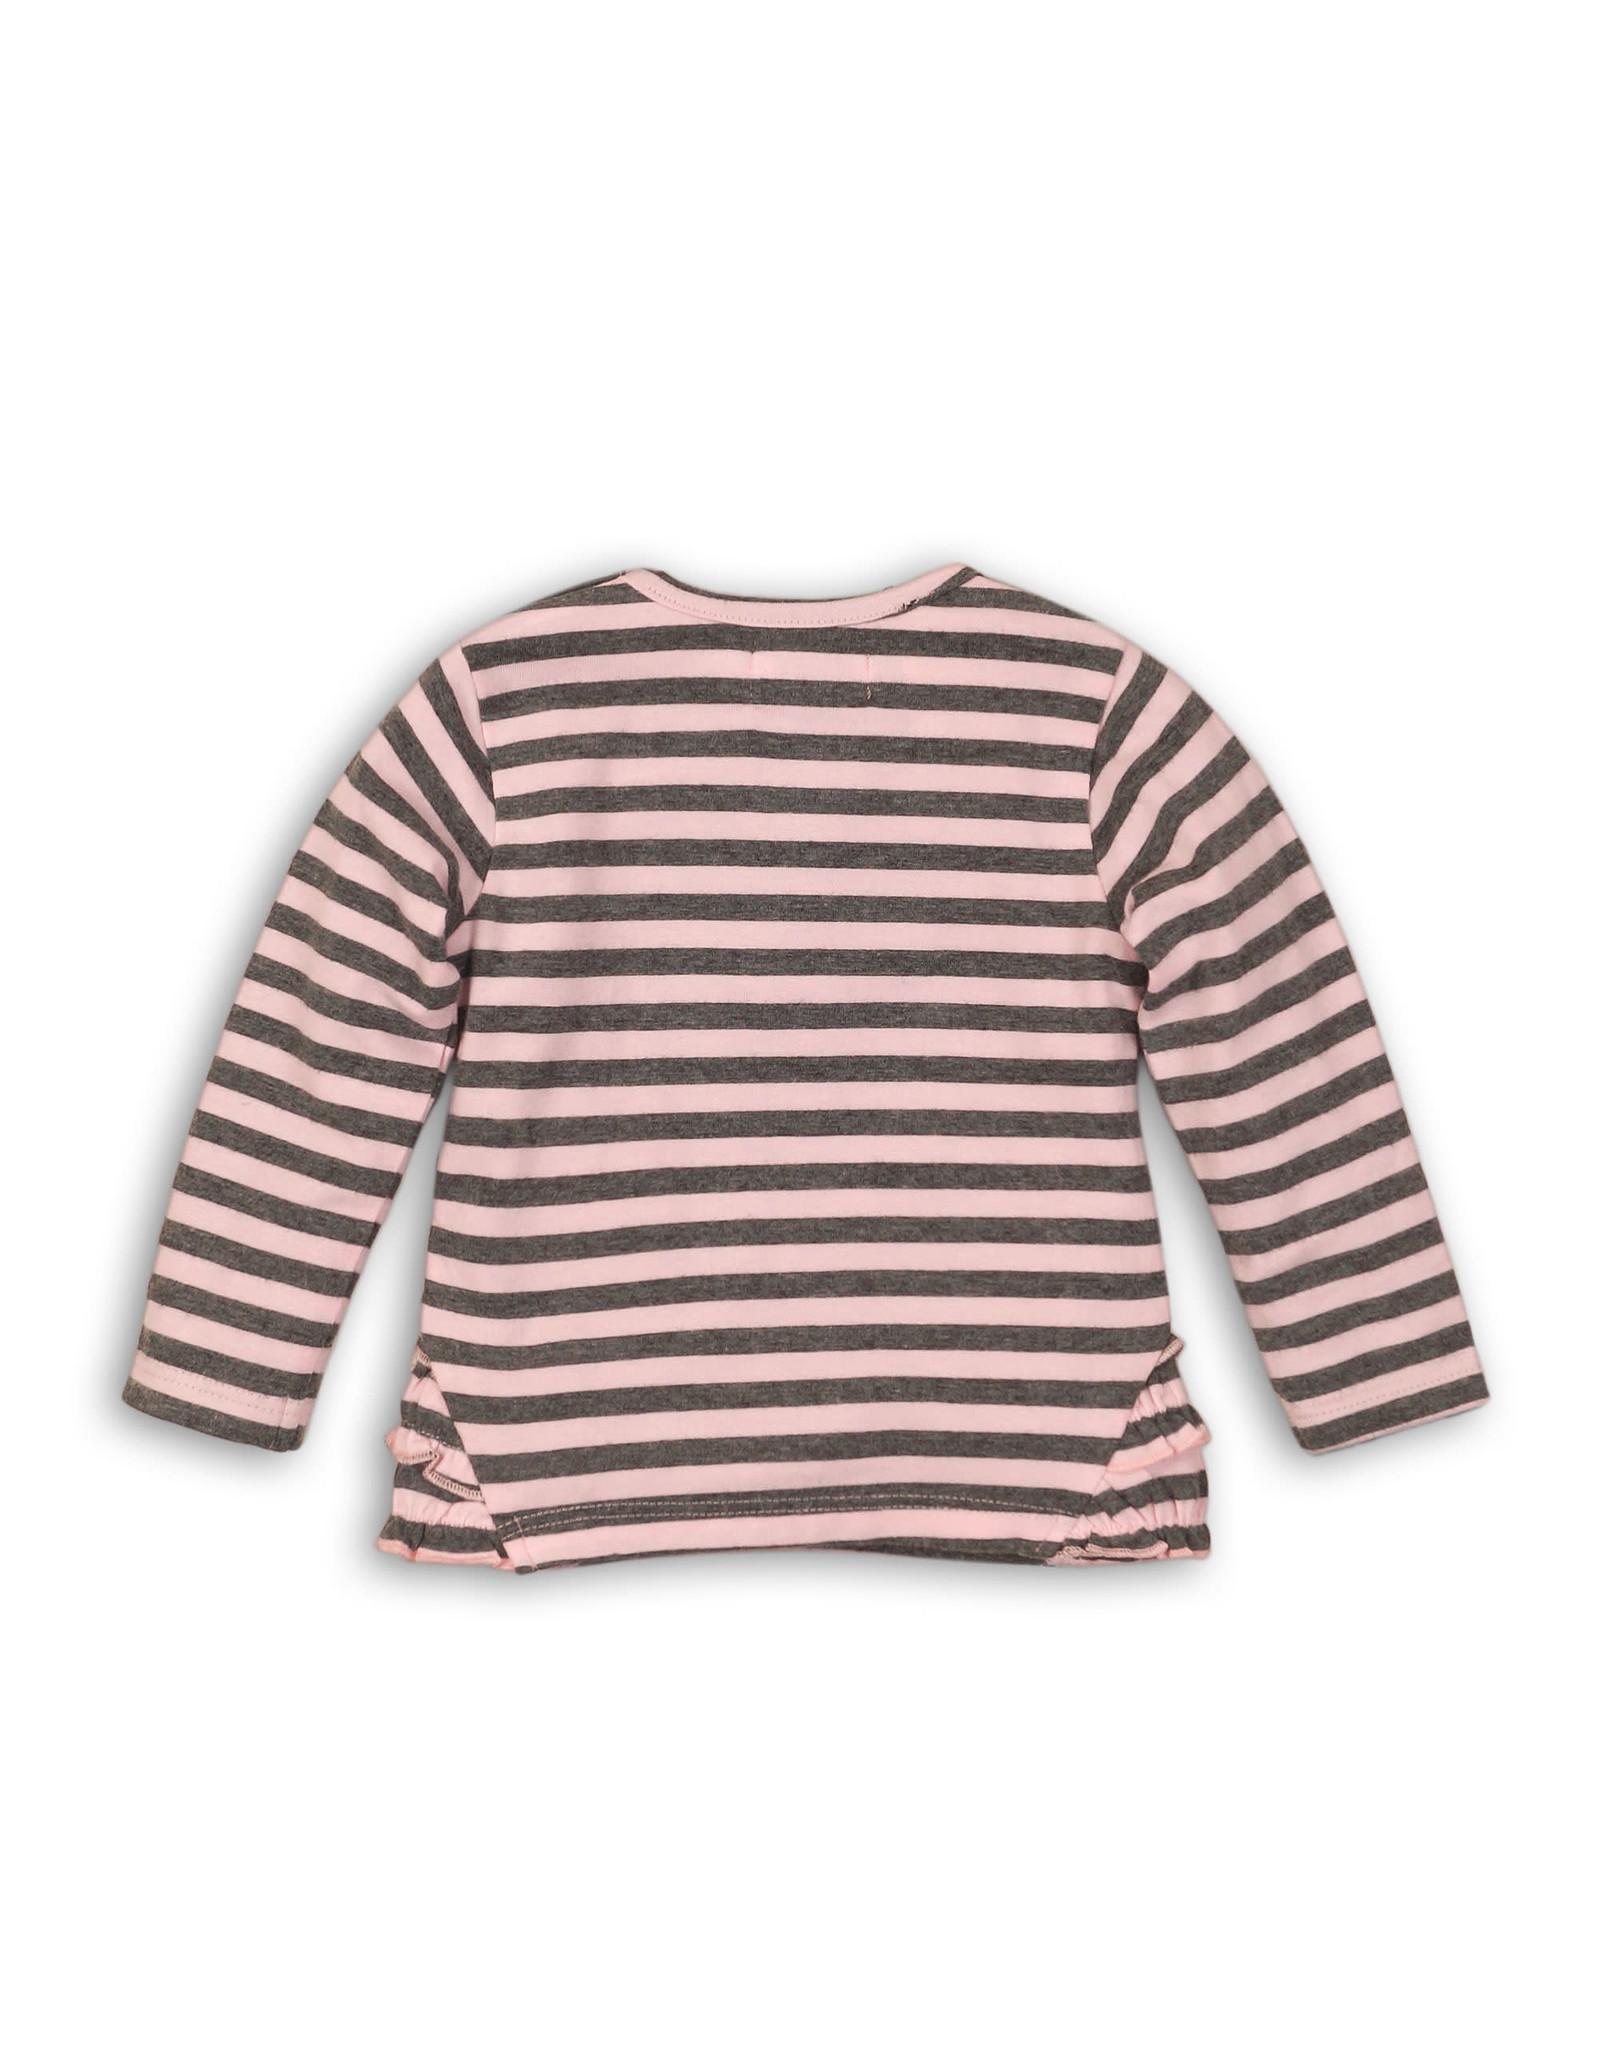 Dirkje Dirkje meisjes t-shirt  LOVE